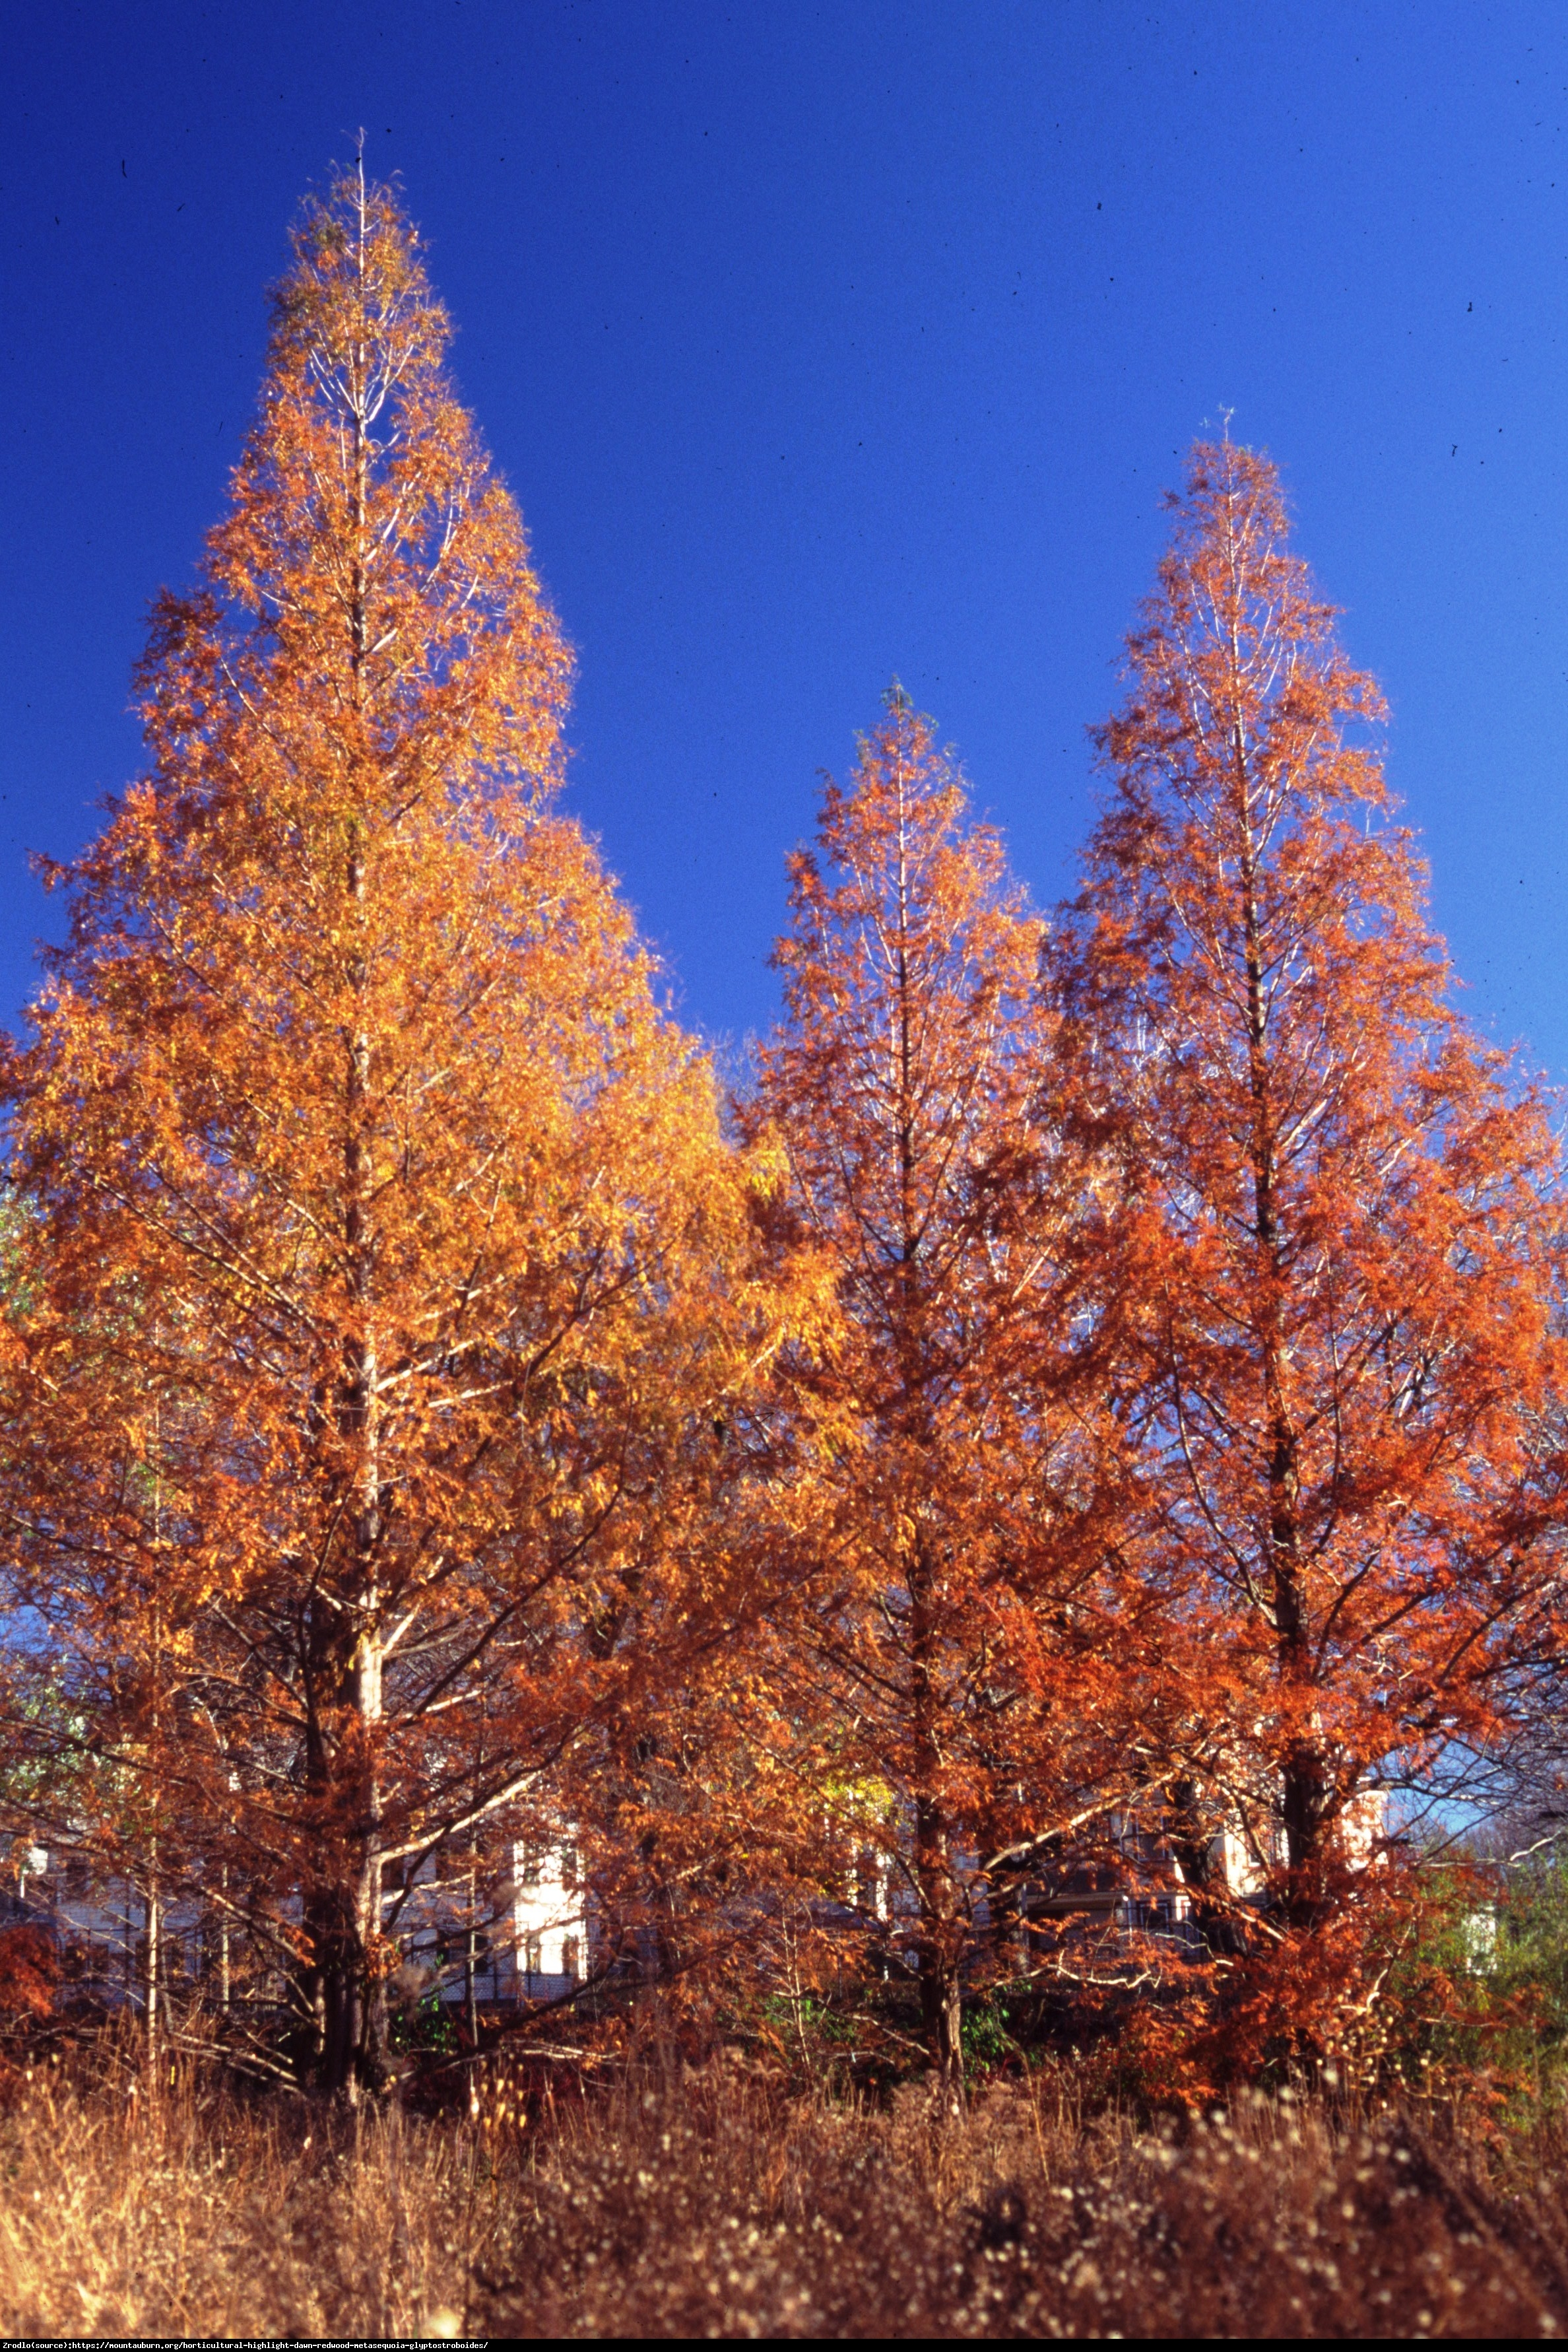 Metasekwoja chińska - Metasequoia glyptostroboides